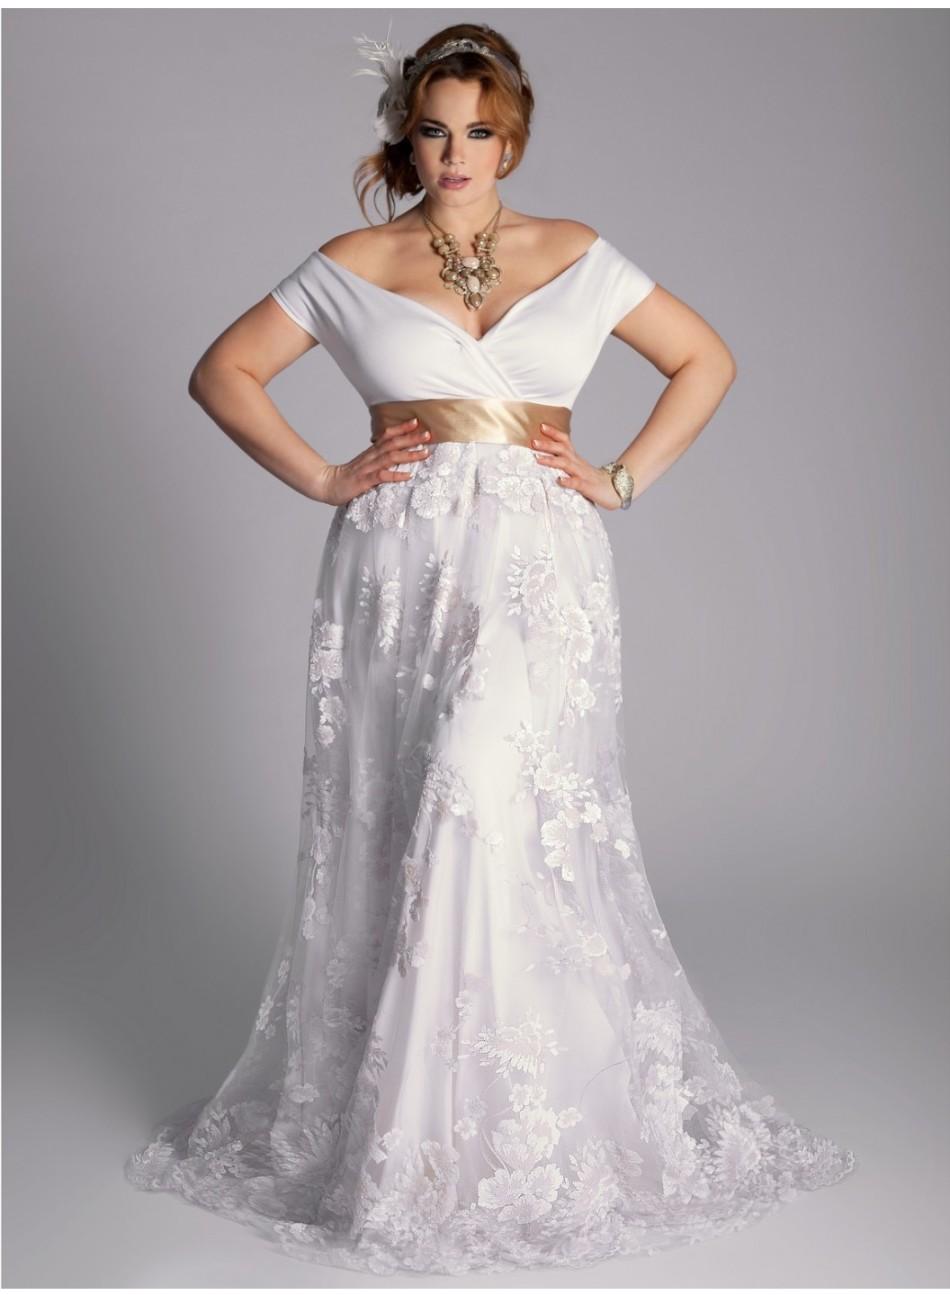 Платье для венчания для пышнотелых красавиц